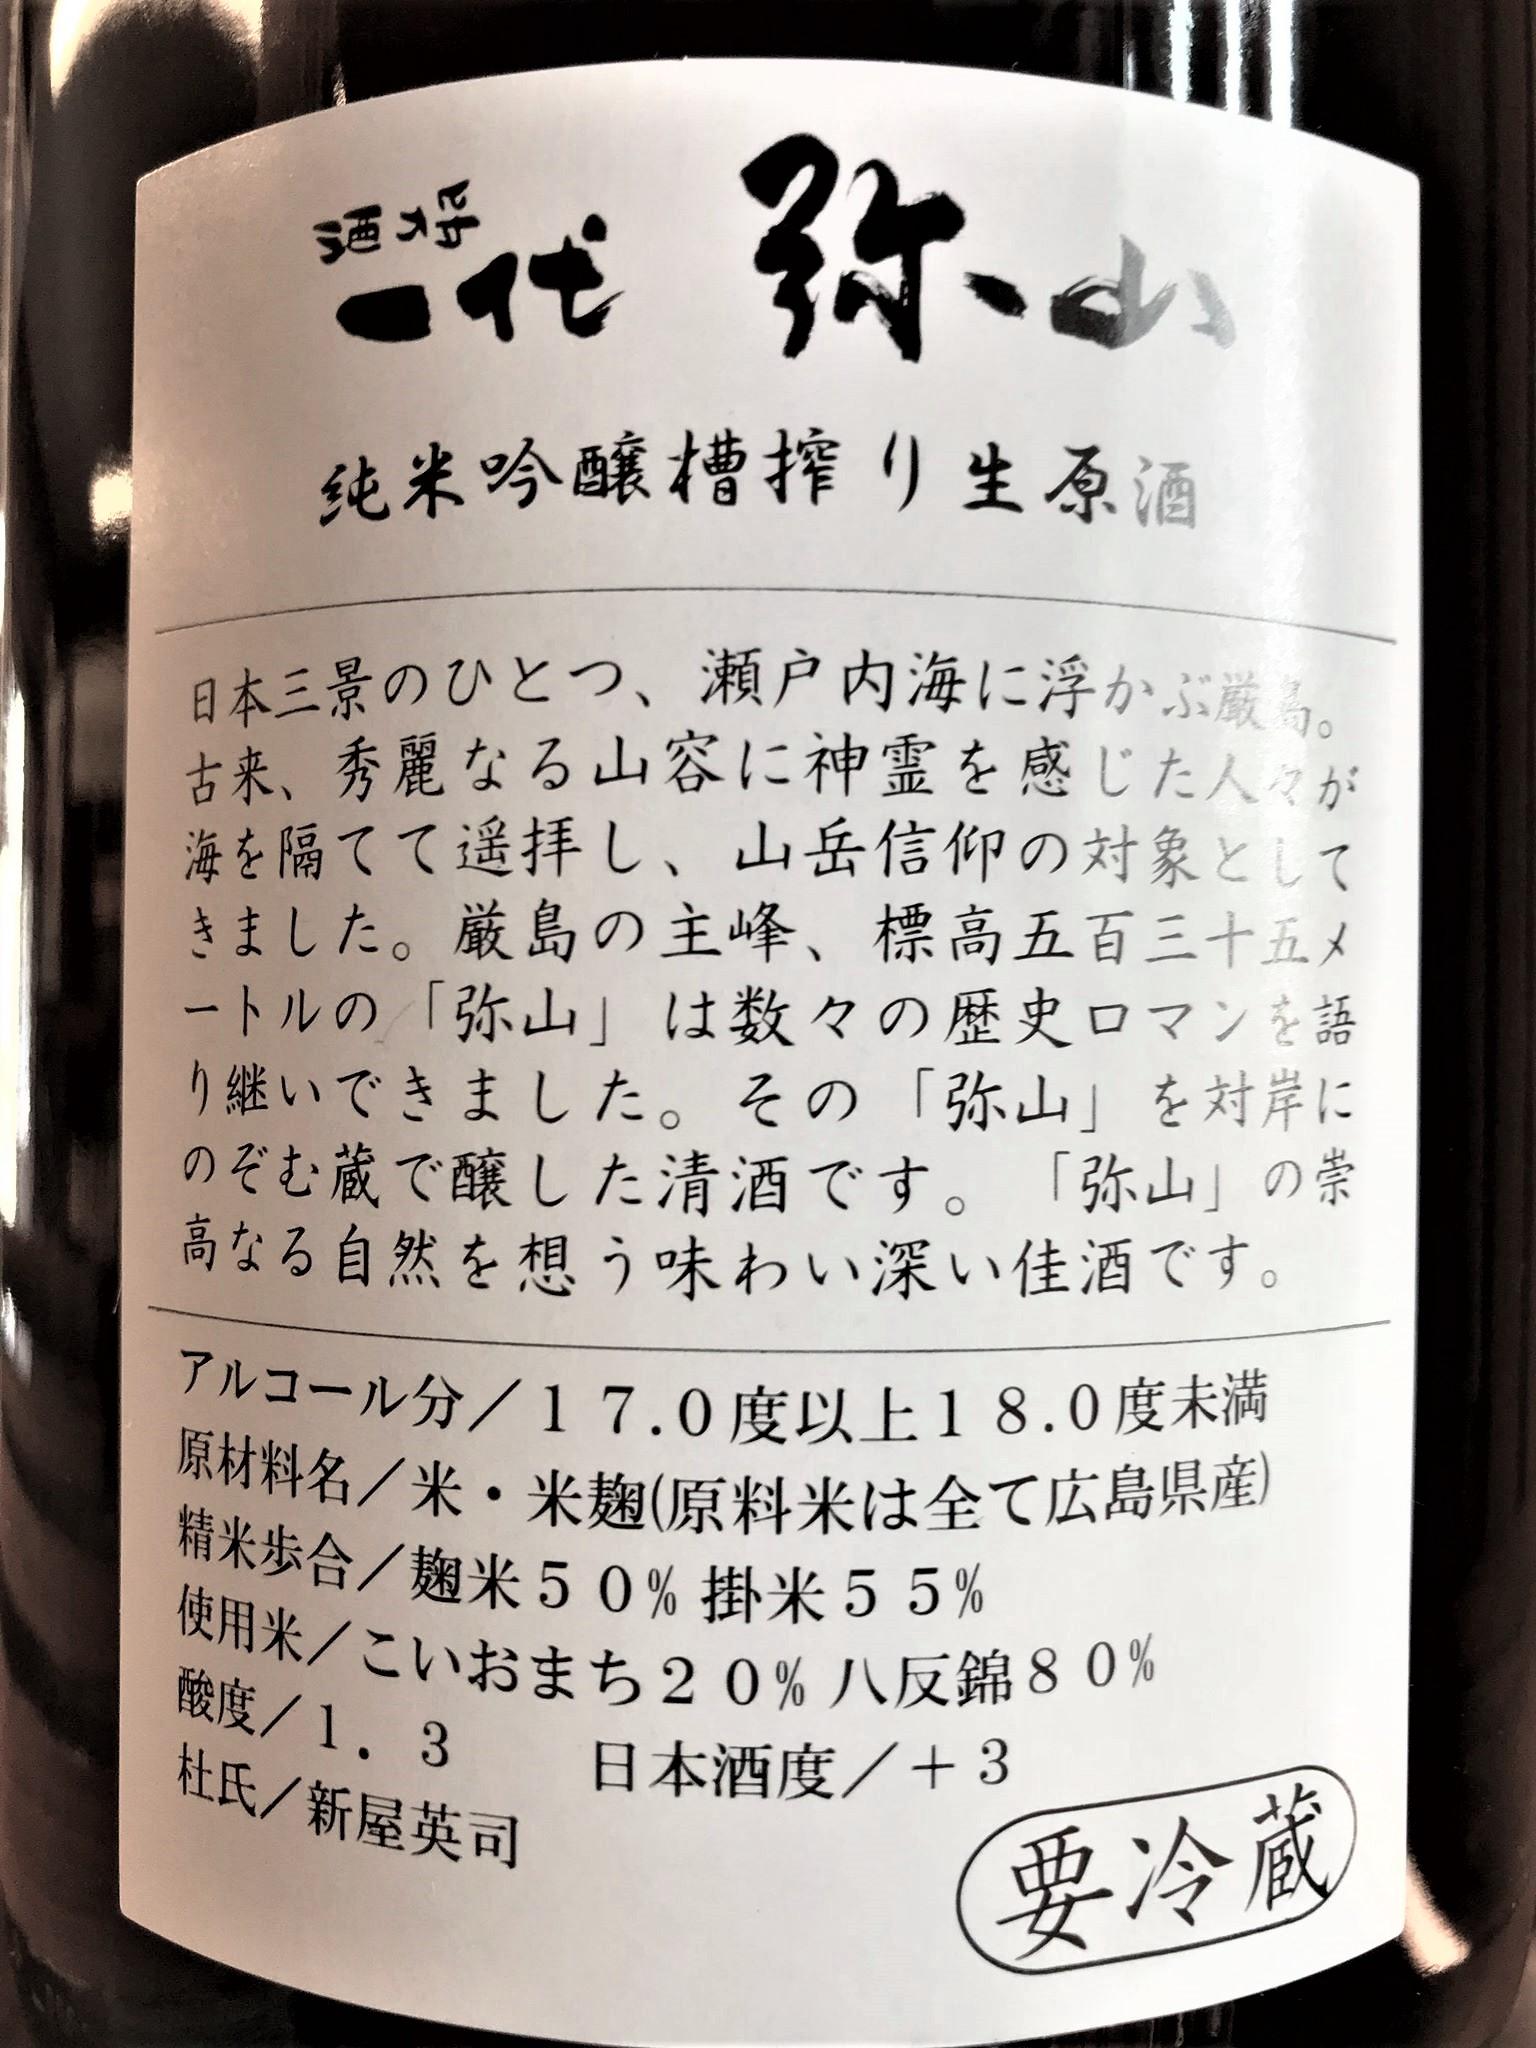 【日本酒】弥山 槽搾り 純米吟醸 無濾過生原酒 こいおまち×八反錦仕込 限定 新酒30BY_e0173738_1355985.jpg